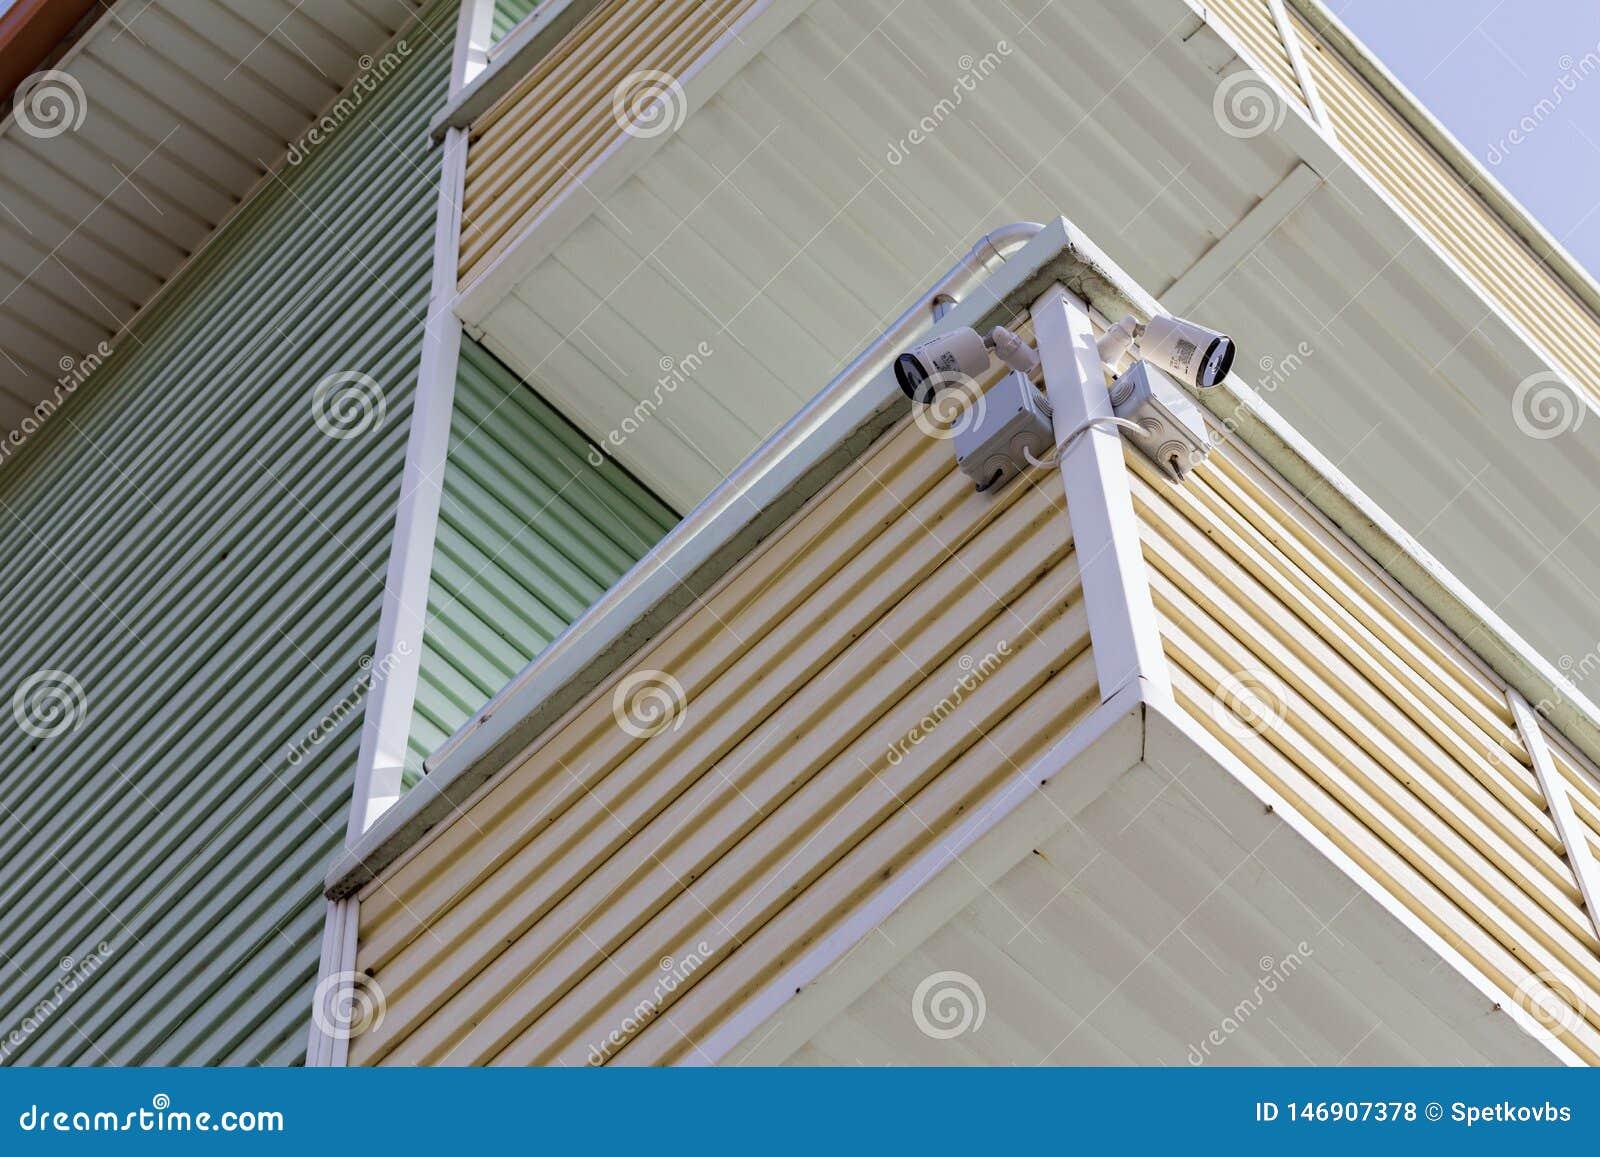 CCTV Security Camera. Cameras, surveillance.